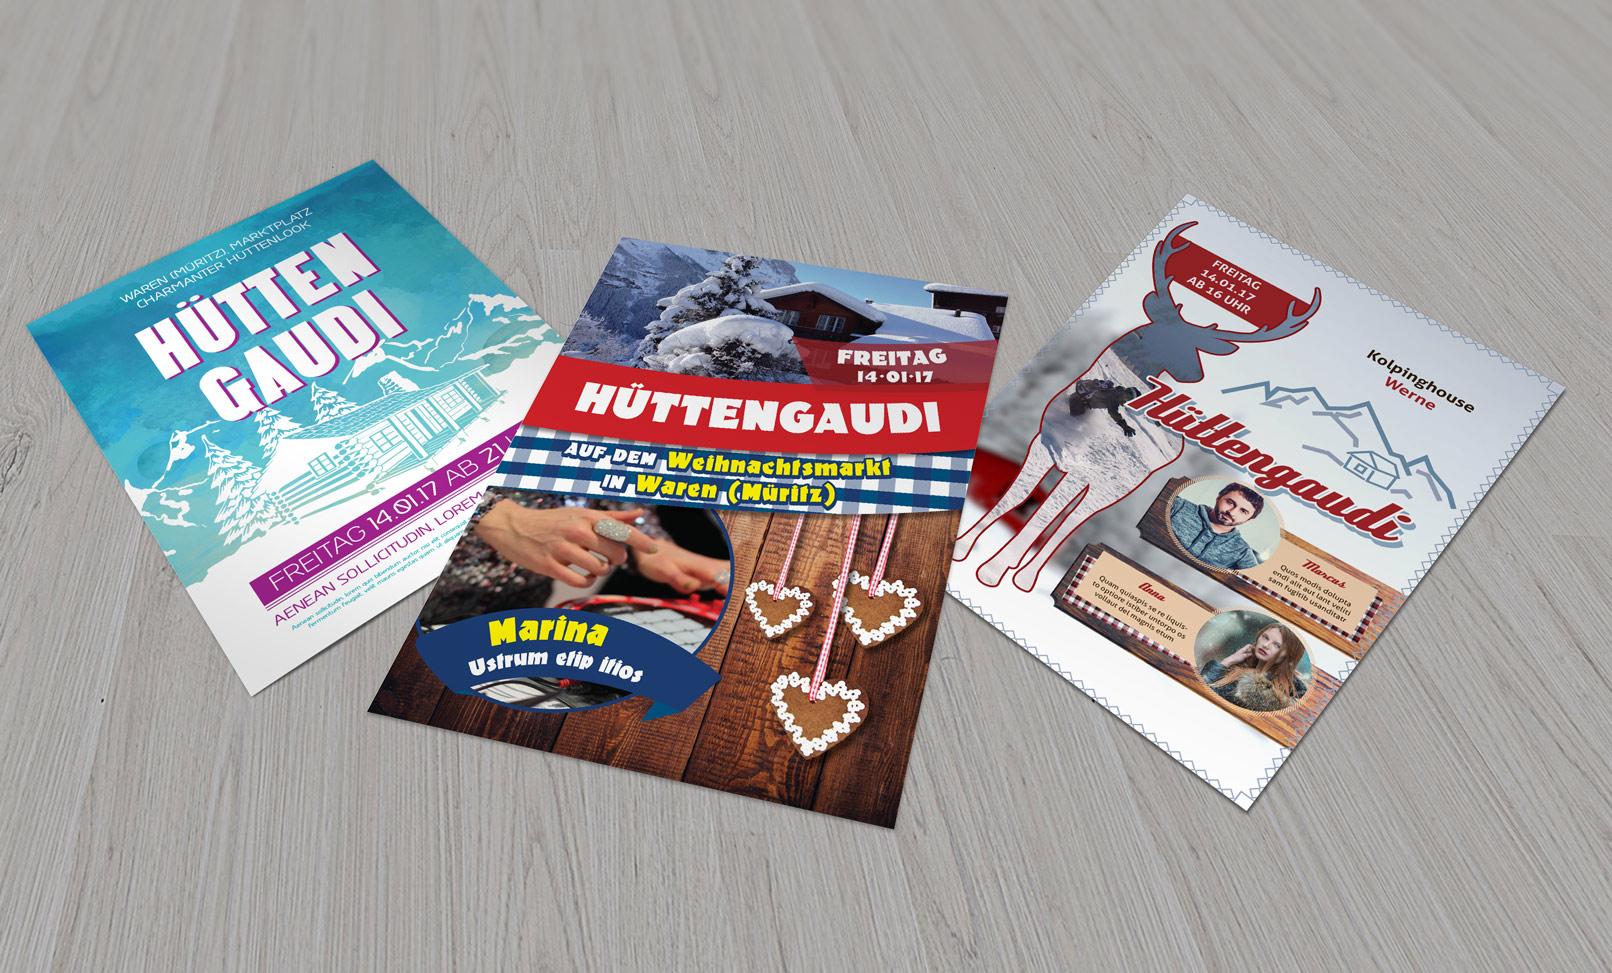 Designer im Vorweihnachtsglück: Illustrationen, Flyer & Texturen